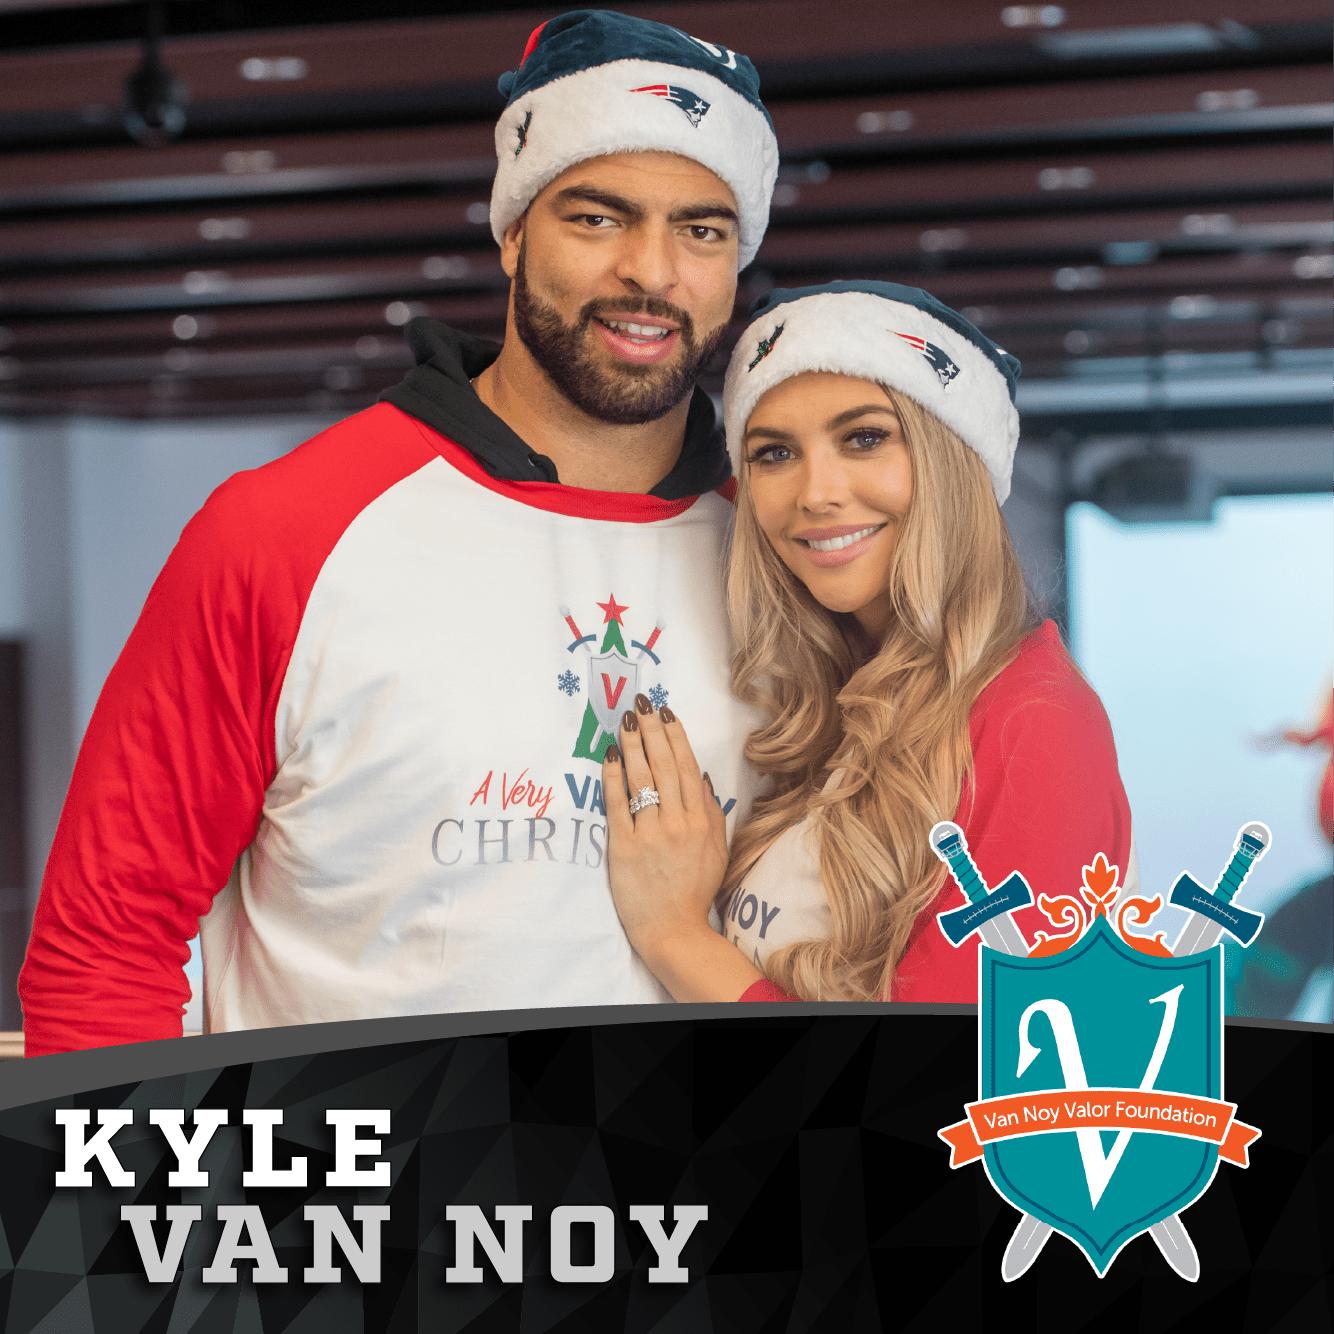 Kyle Van Noy